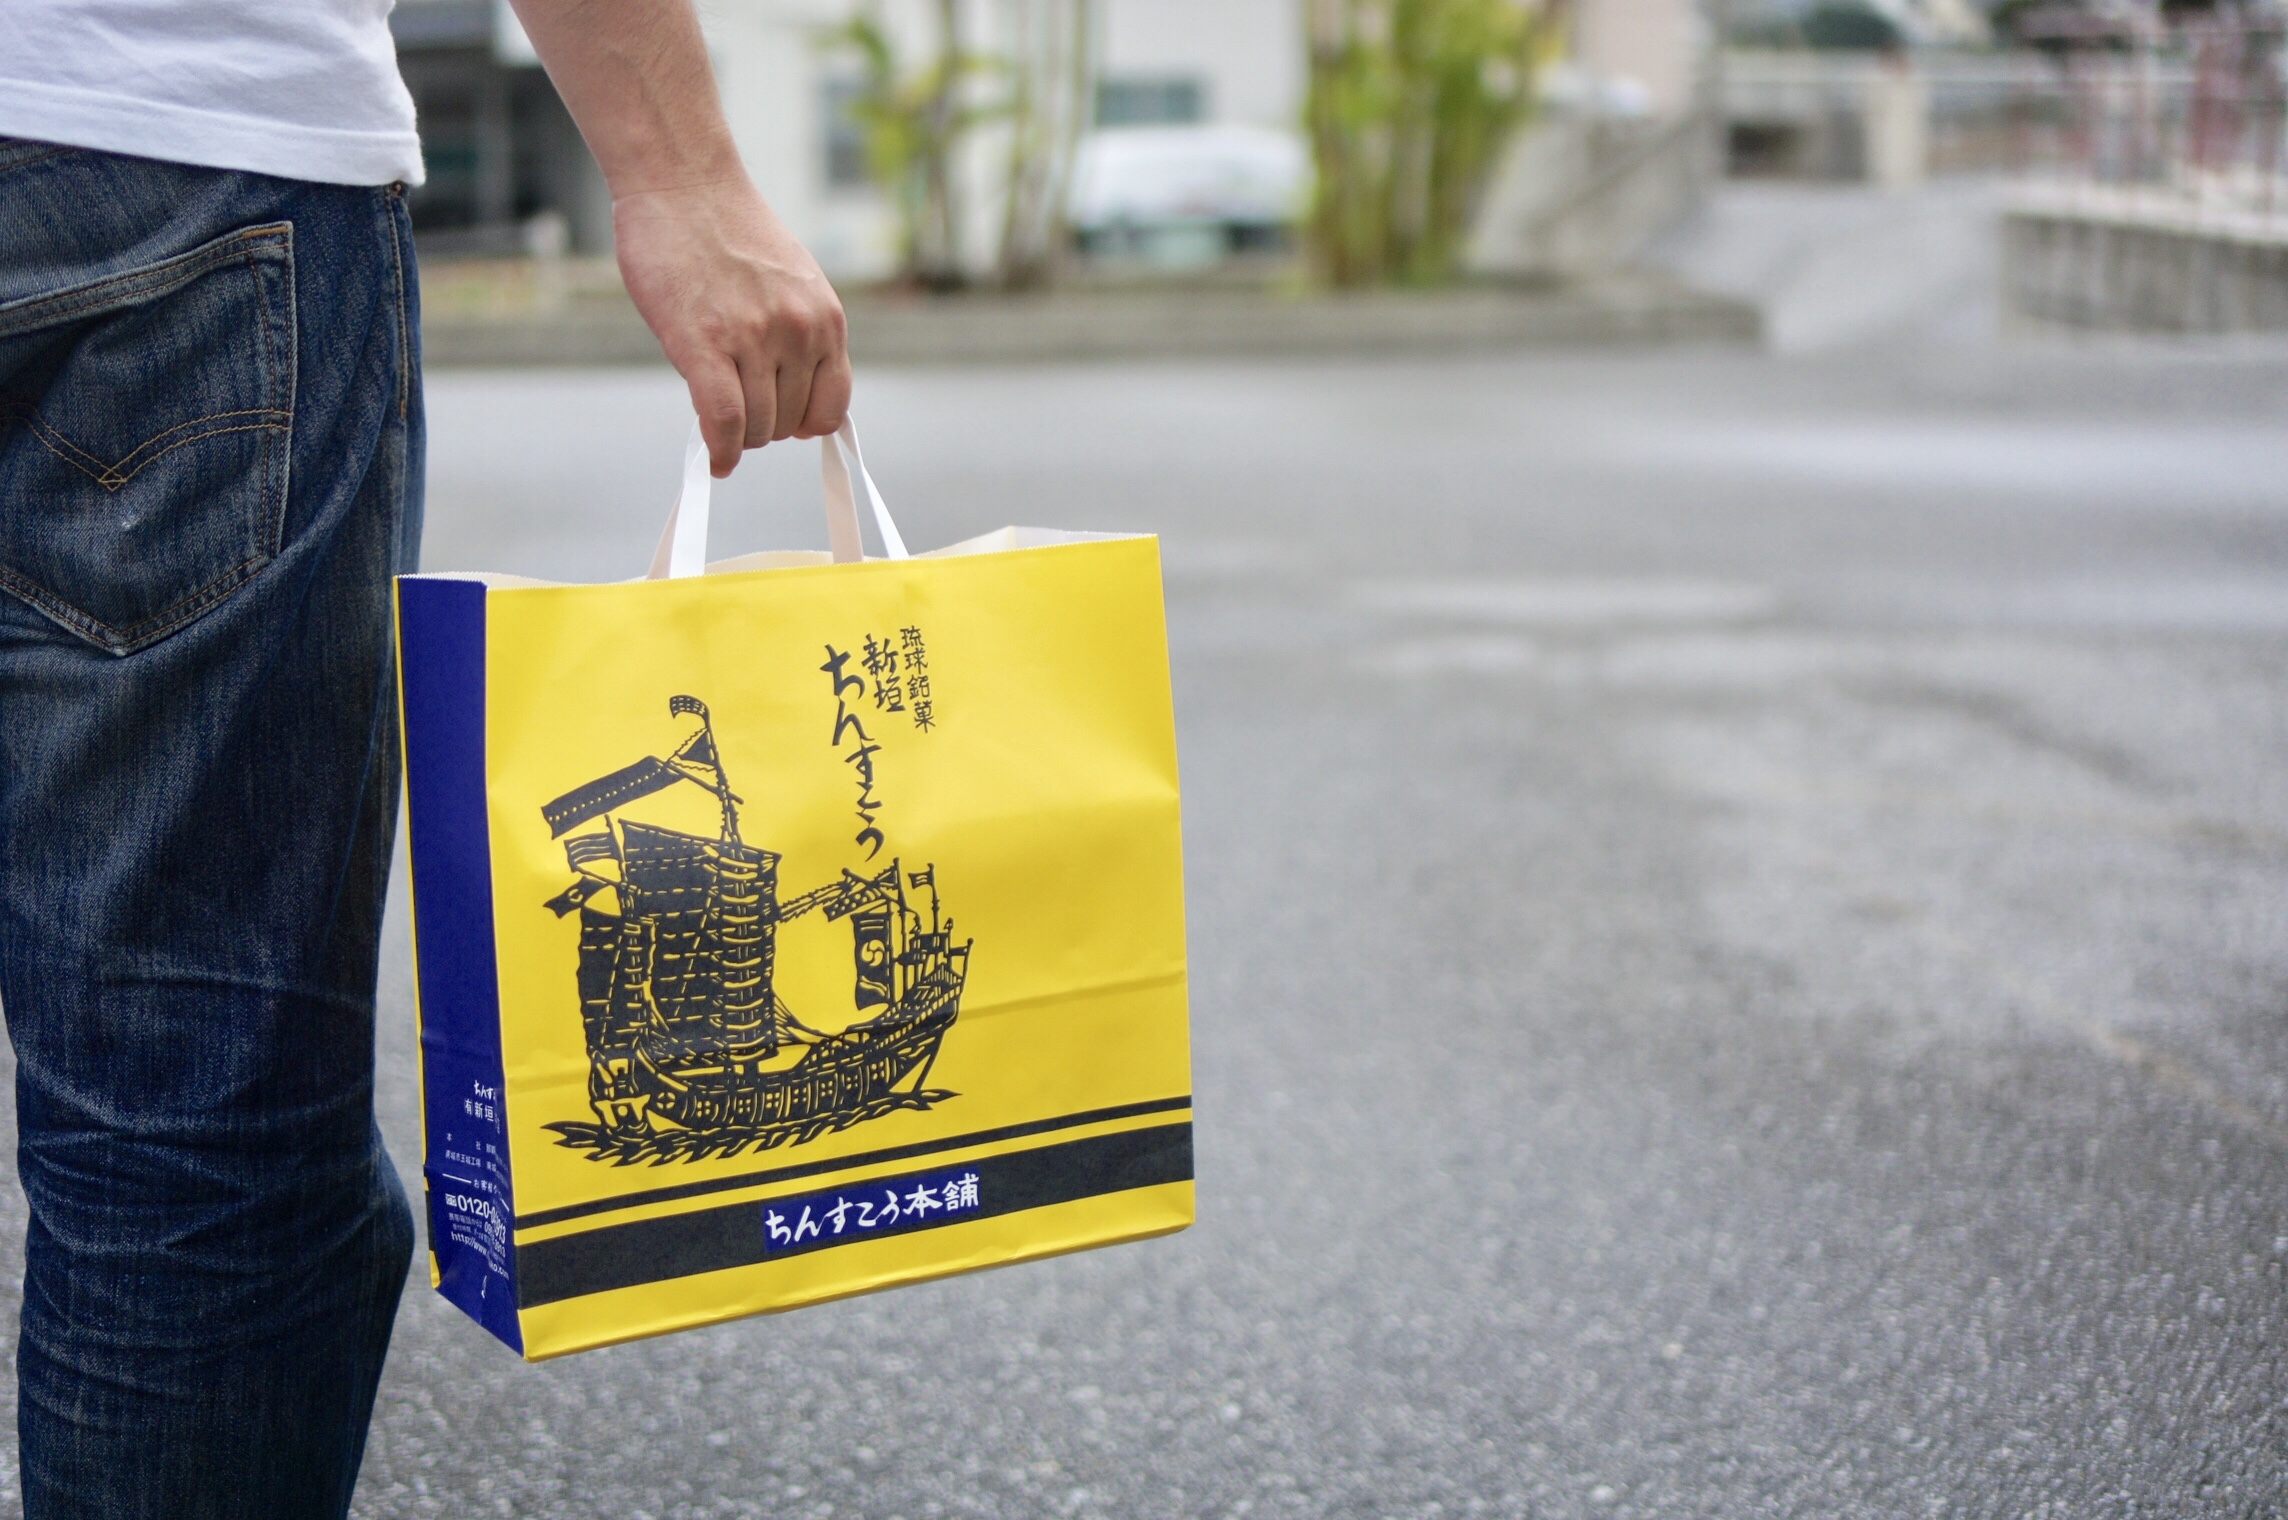 沖縄でちんすこうを買うならここ!【新垣ちんすこう工場併設店舗】